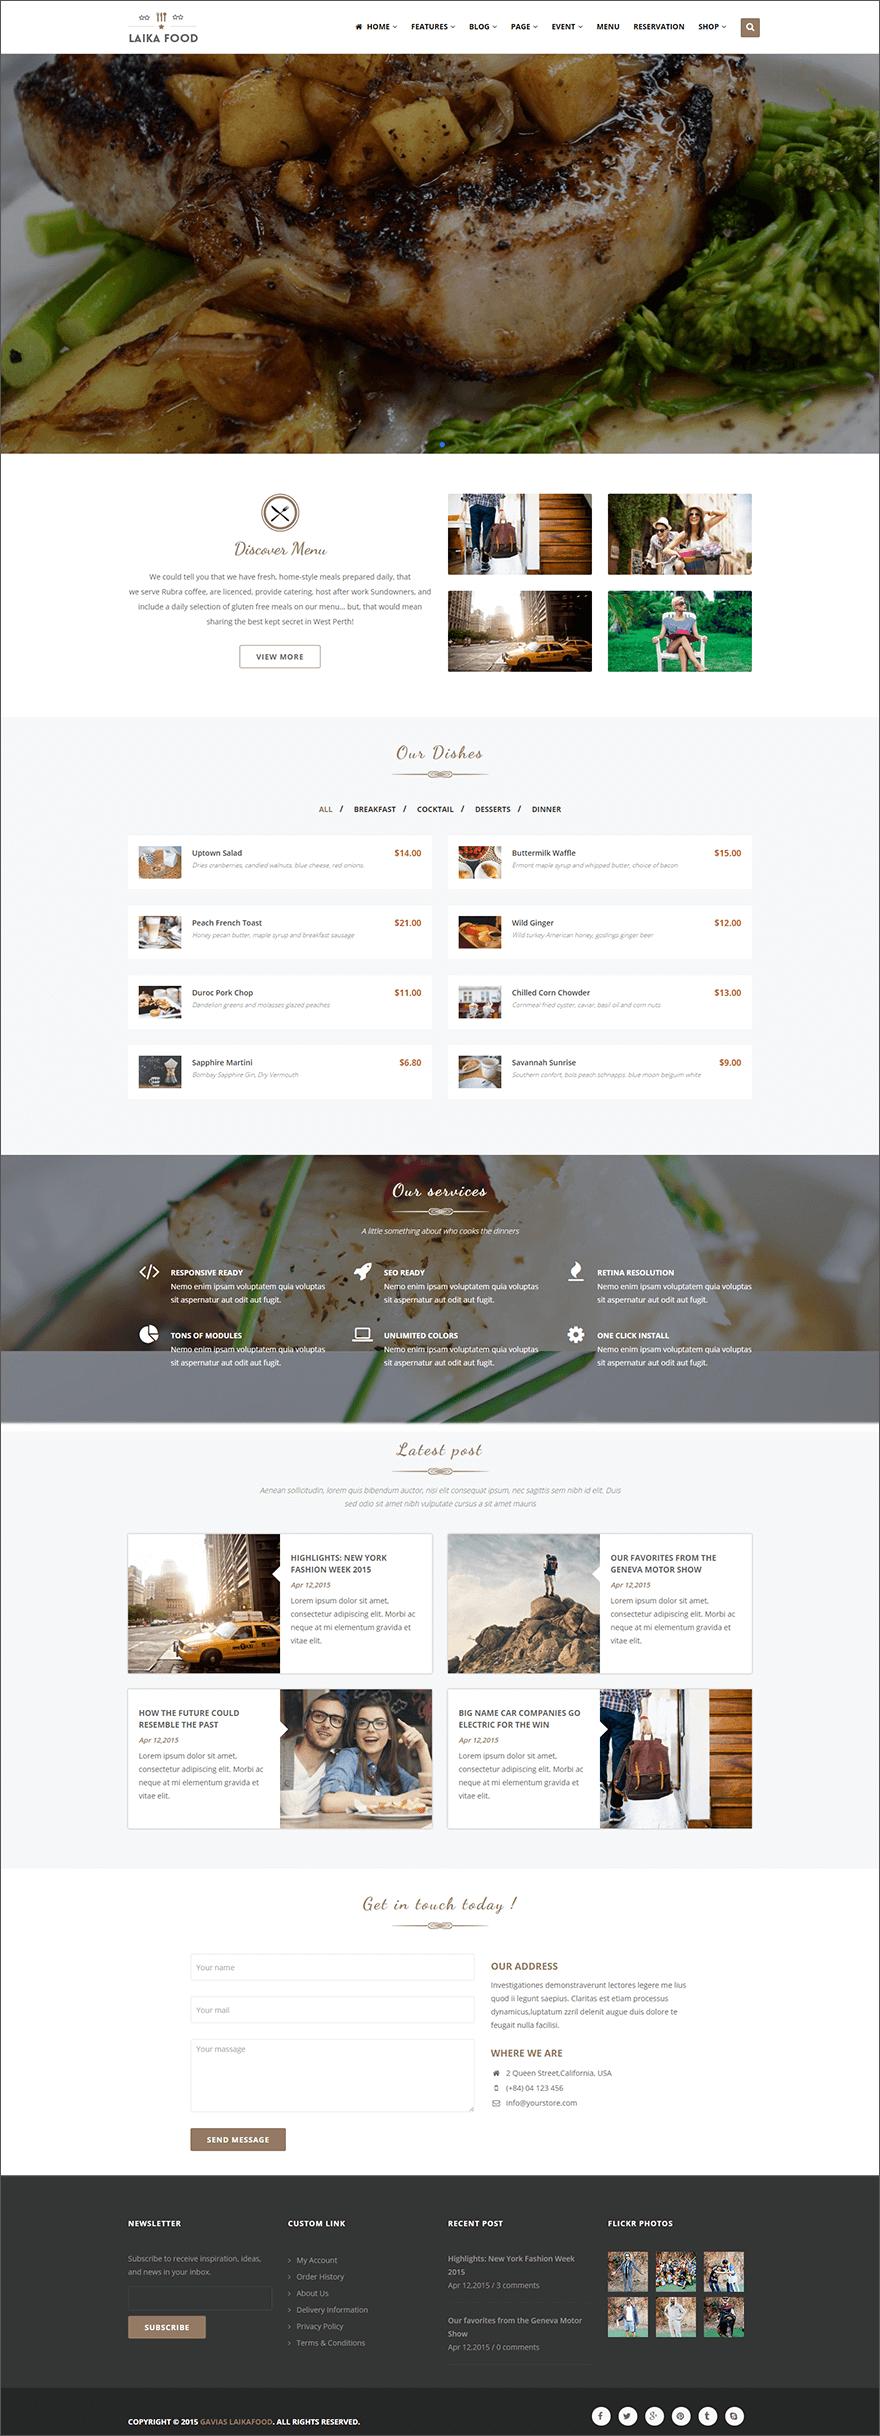 Cafe & Food Drupal Theme